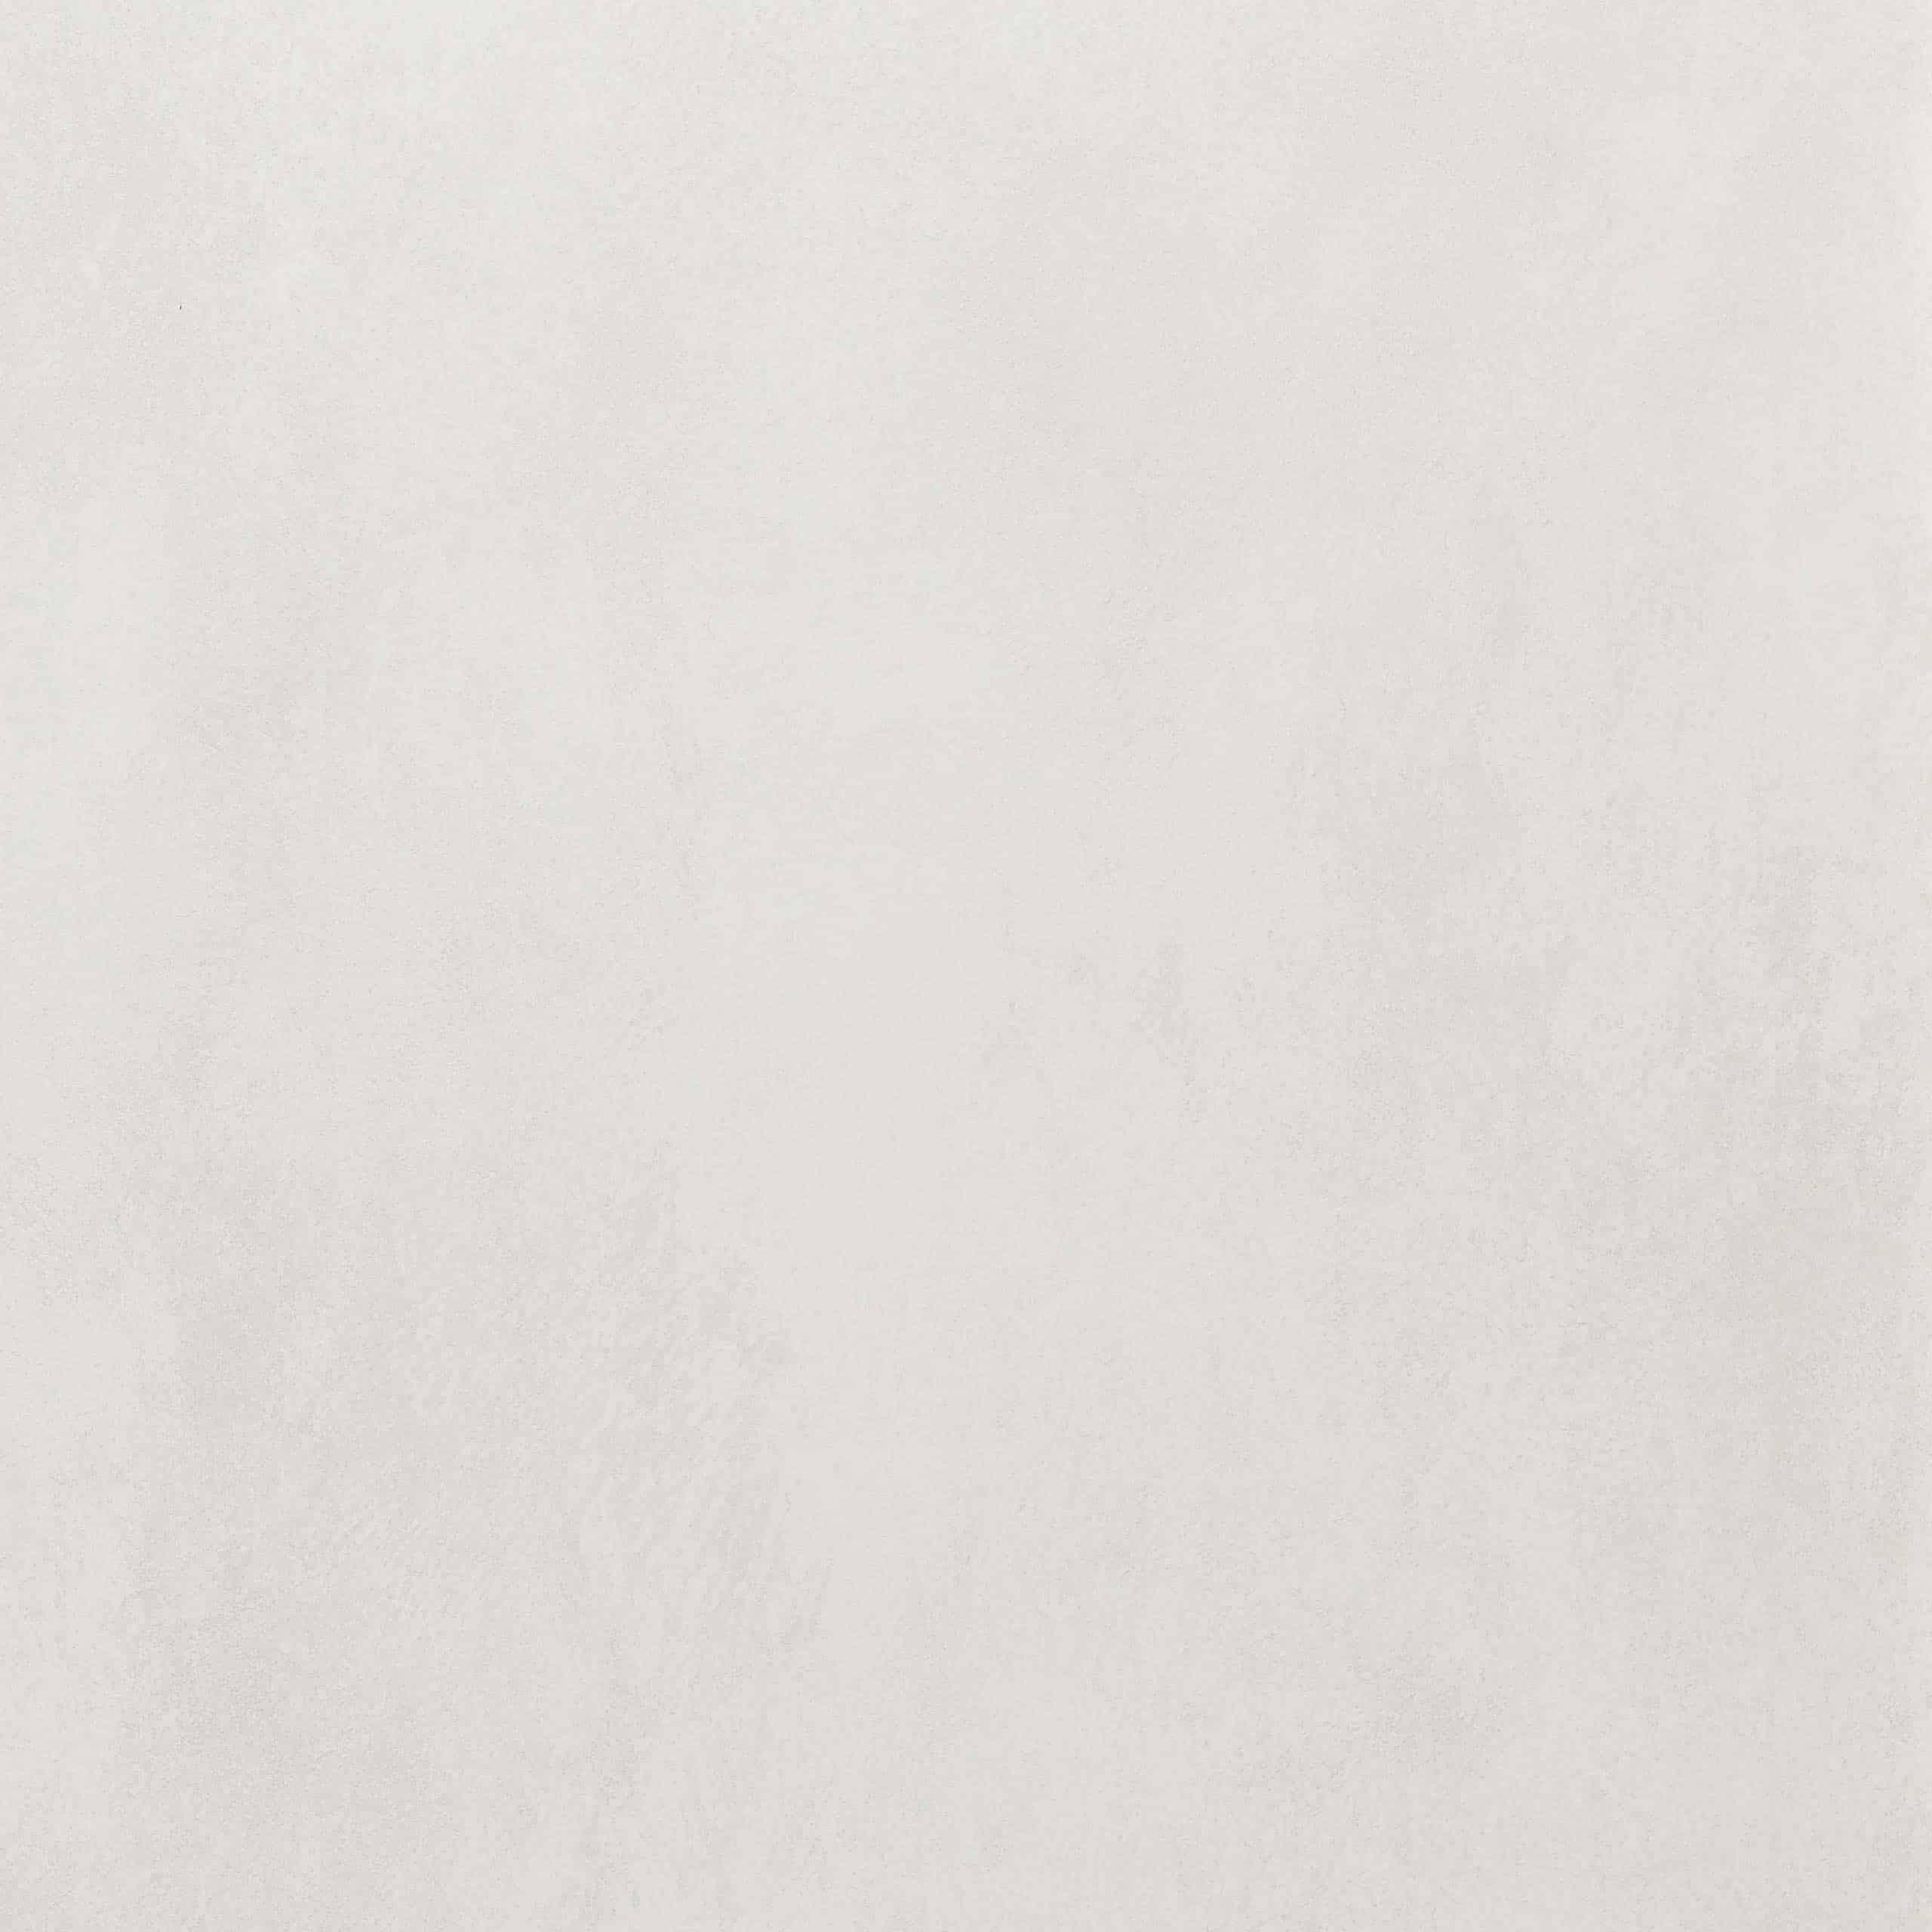 Oxide Bianco Laminam